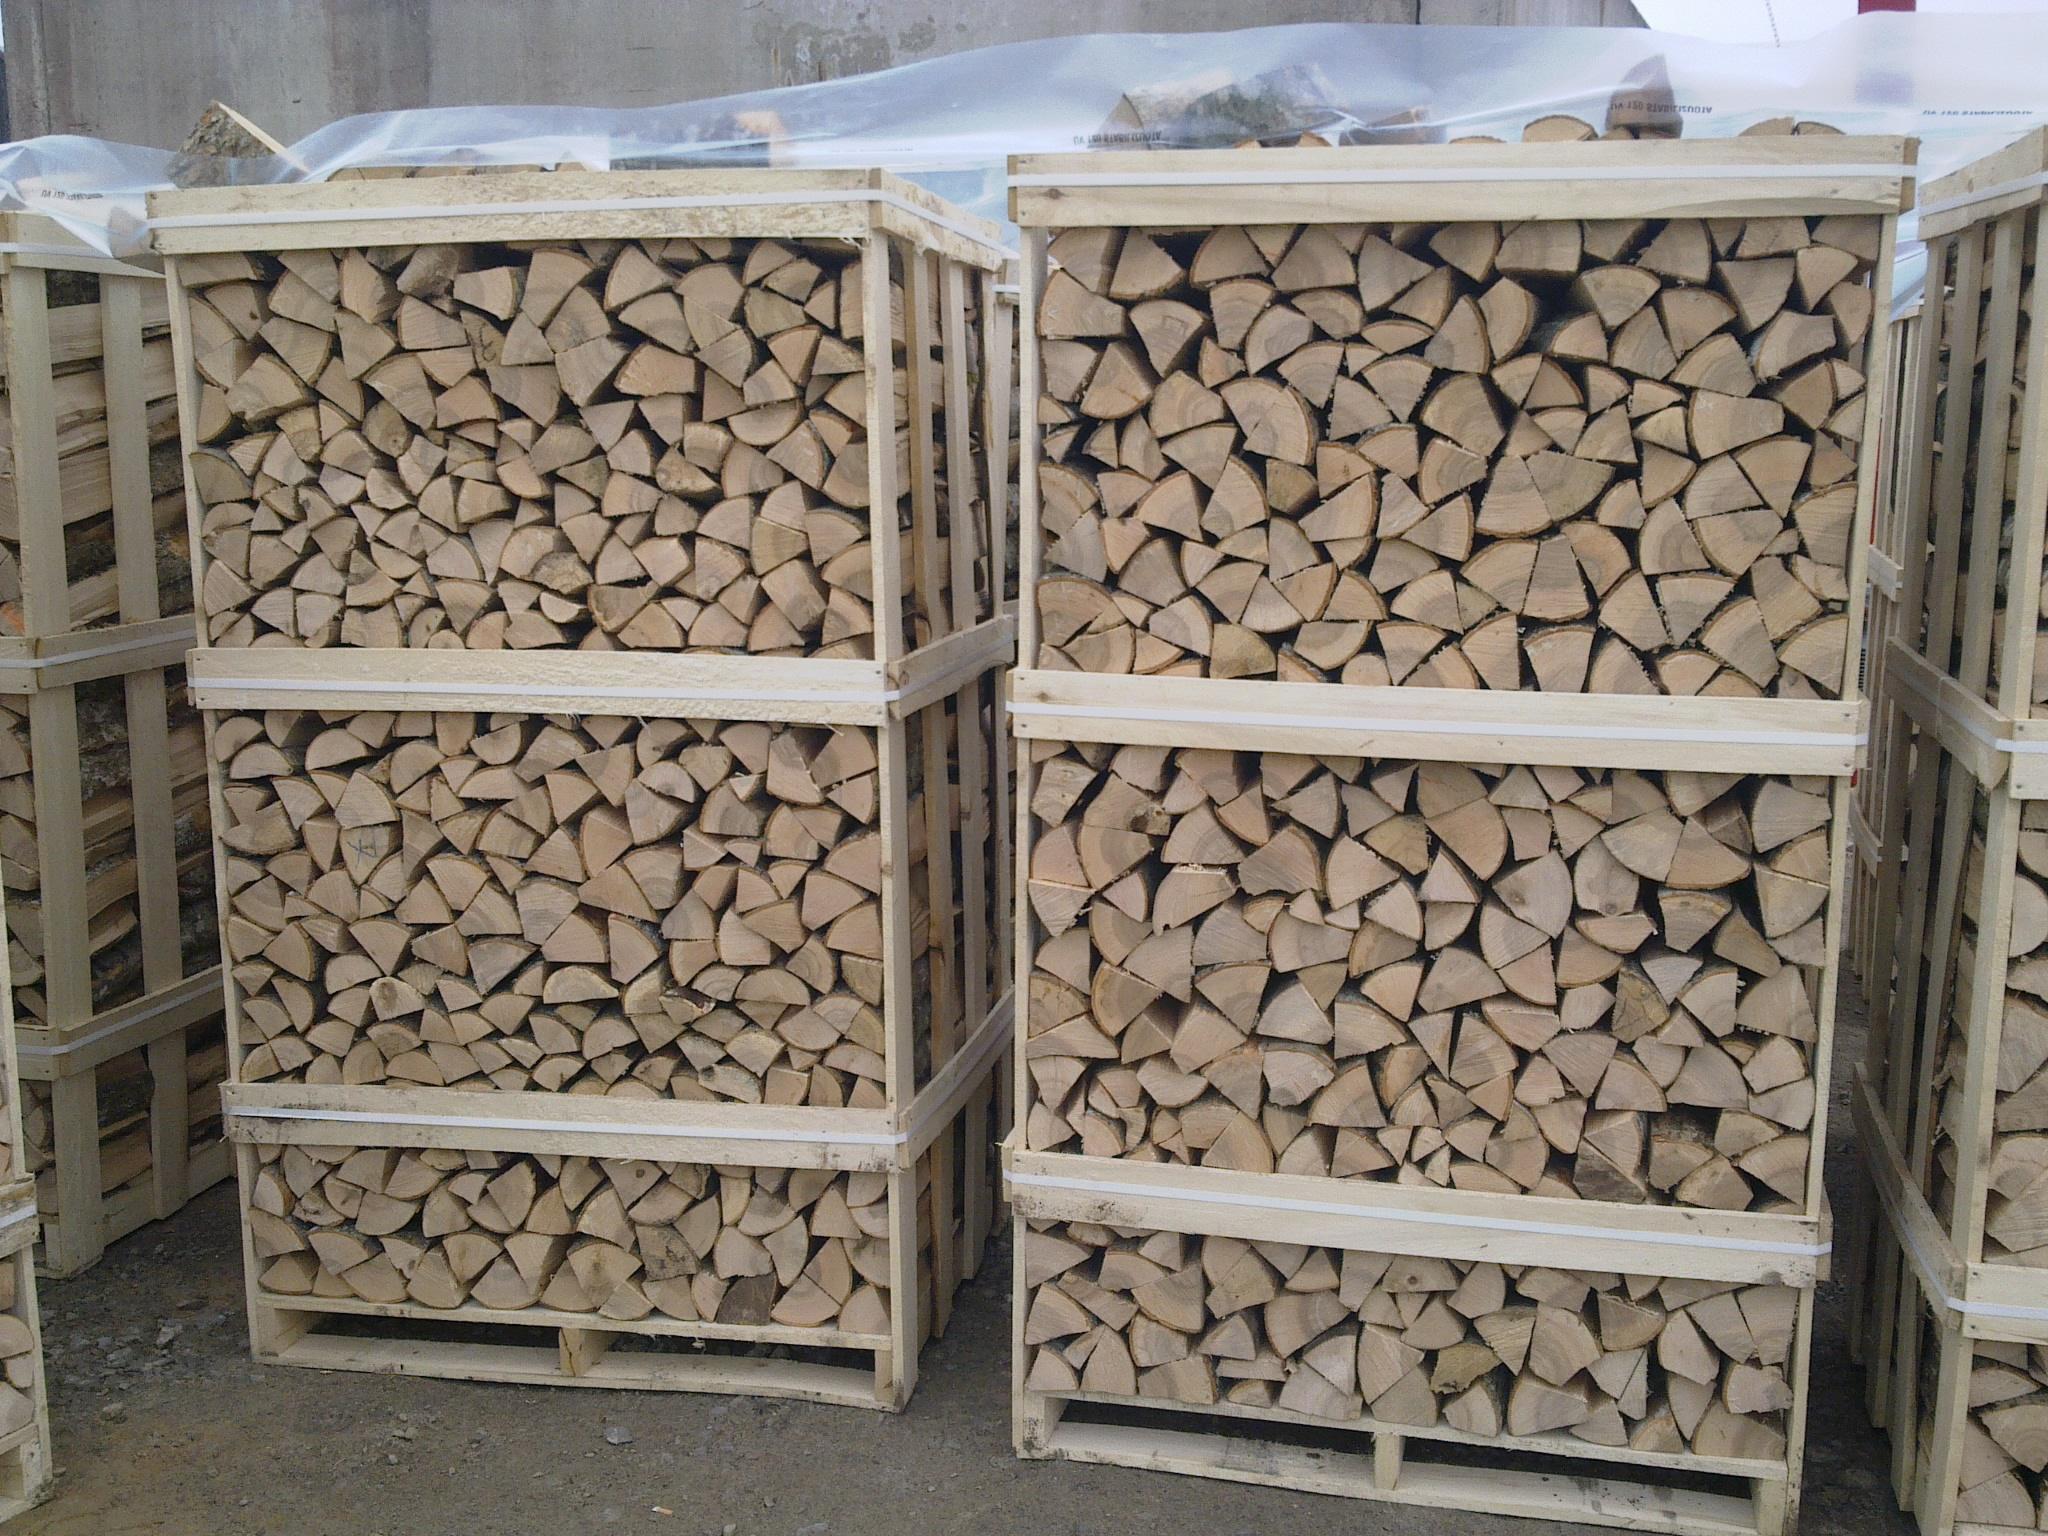 bois blanc chauffage id e int ressante pour la conception de meubles en bois qui inspire. Black Bedroom Furniture Sets. Home Design Ideas